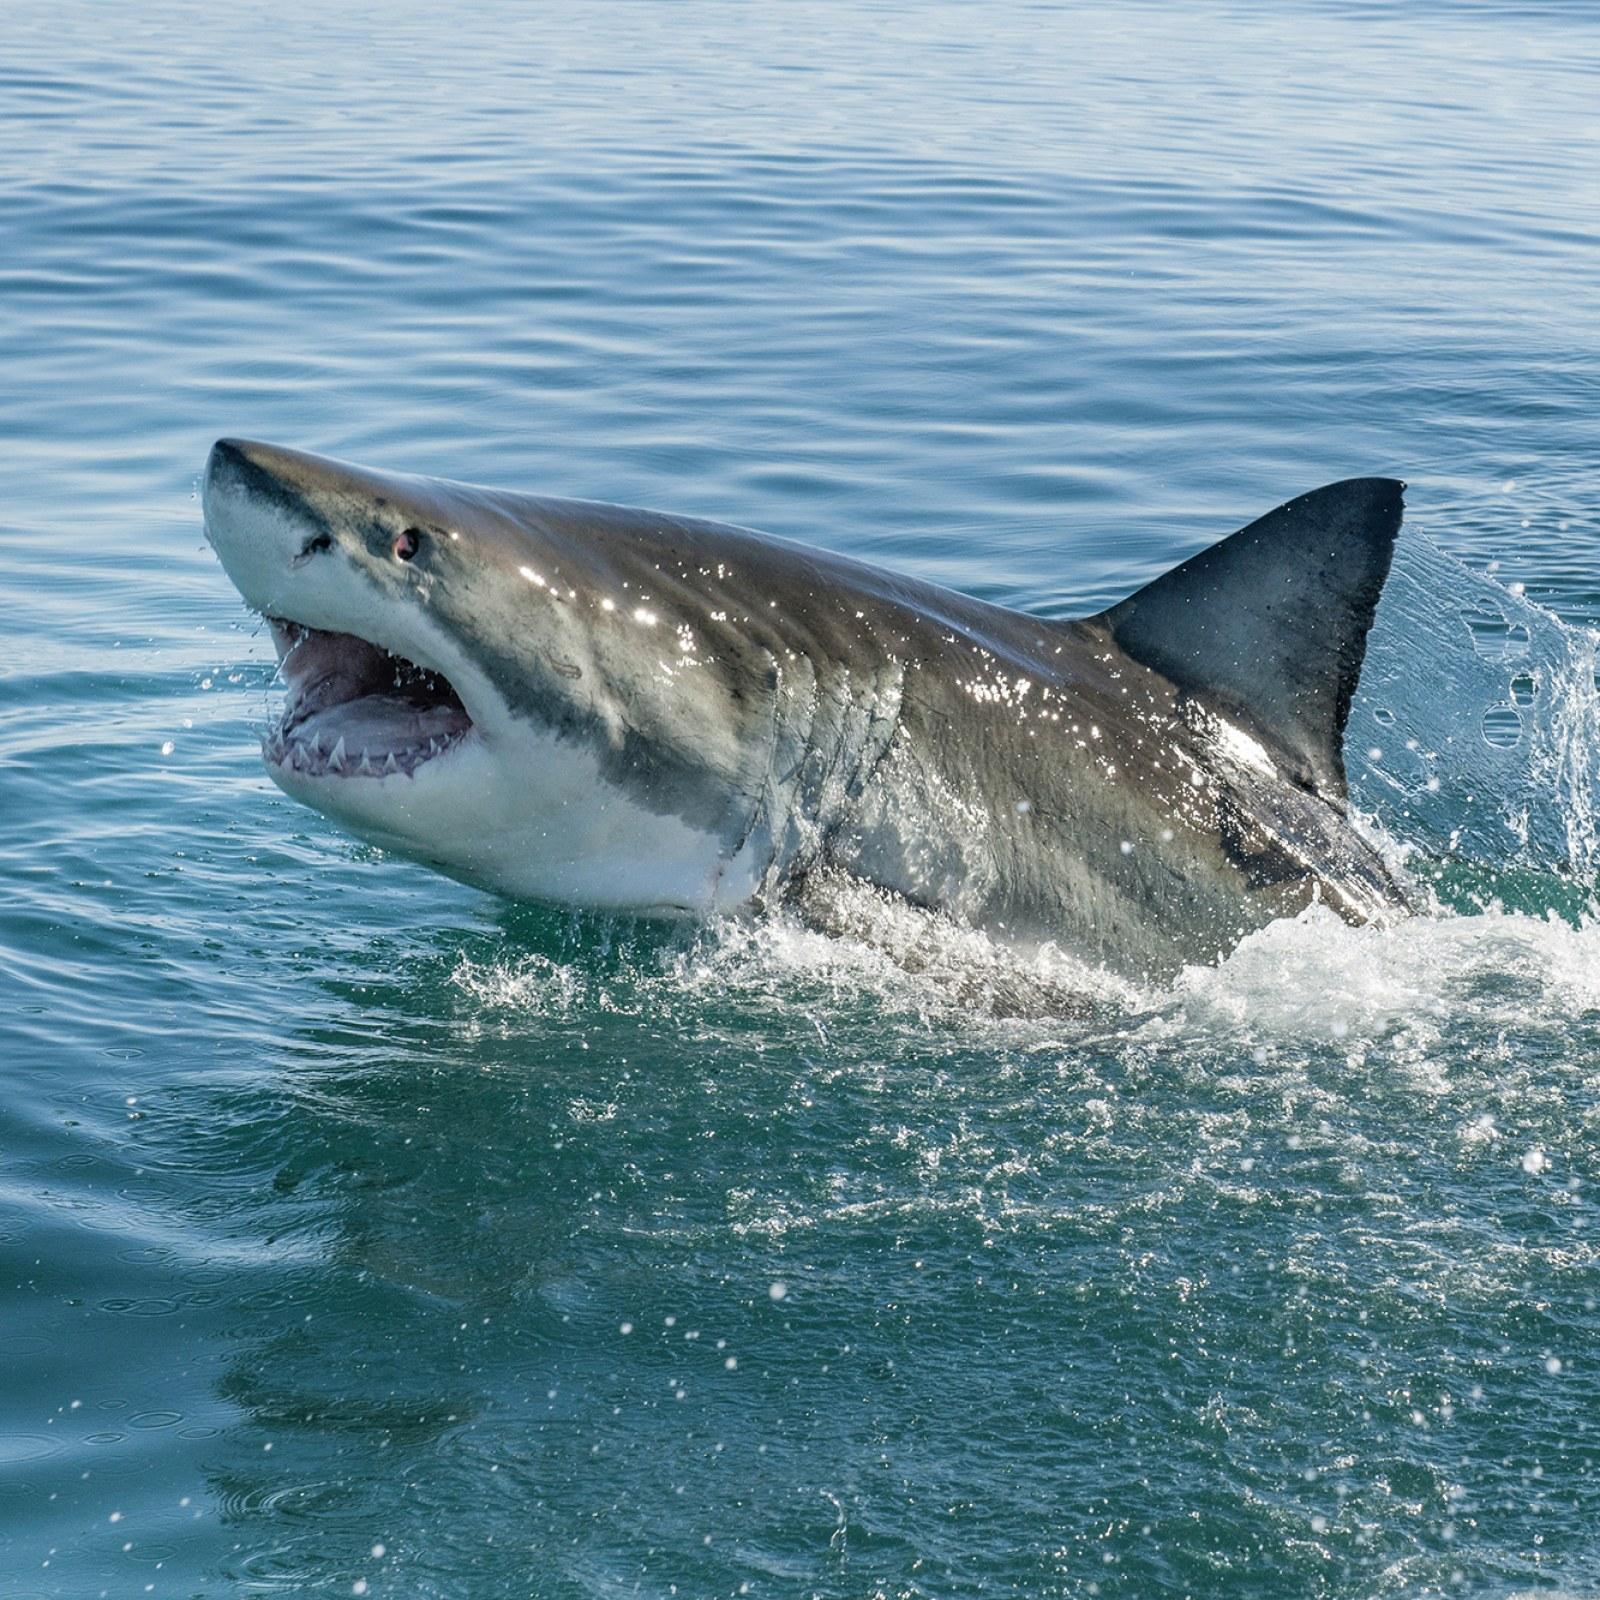 Great White Sharks Filmed Gathering in California's Monterey Bay